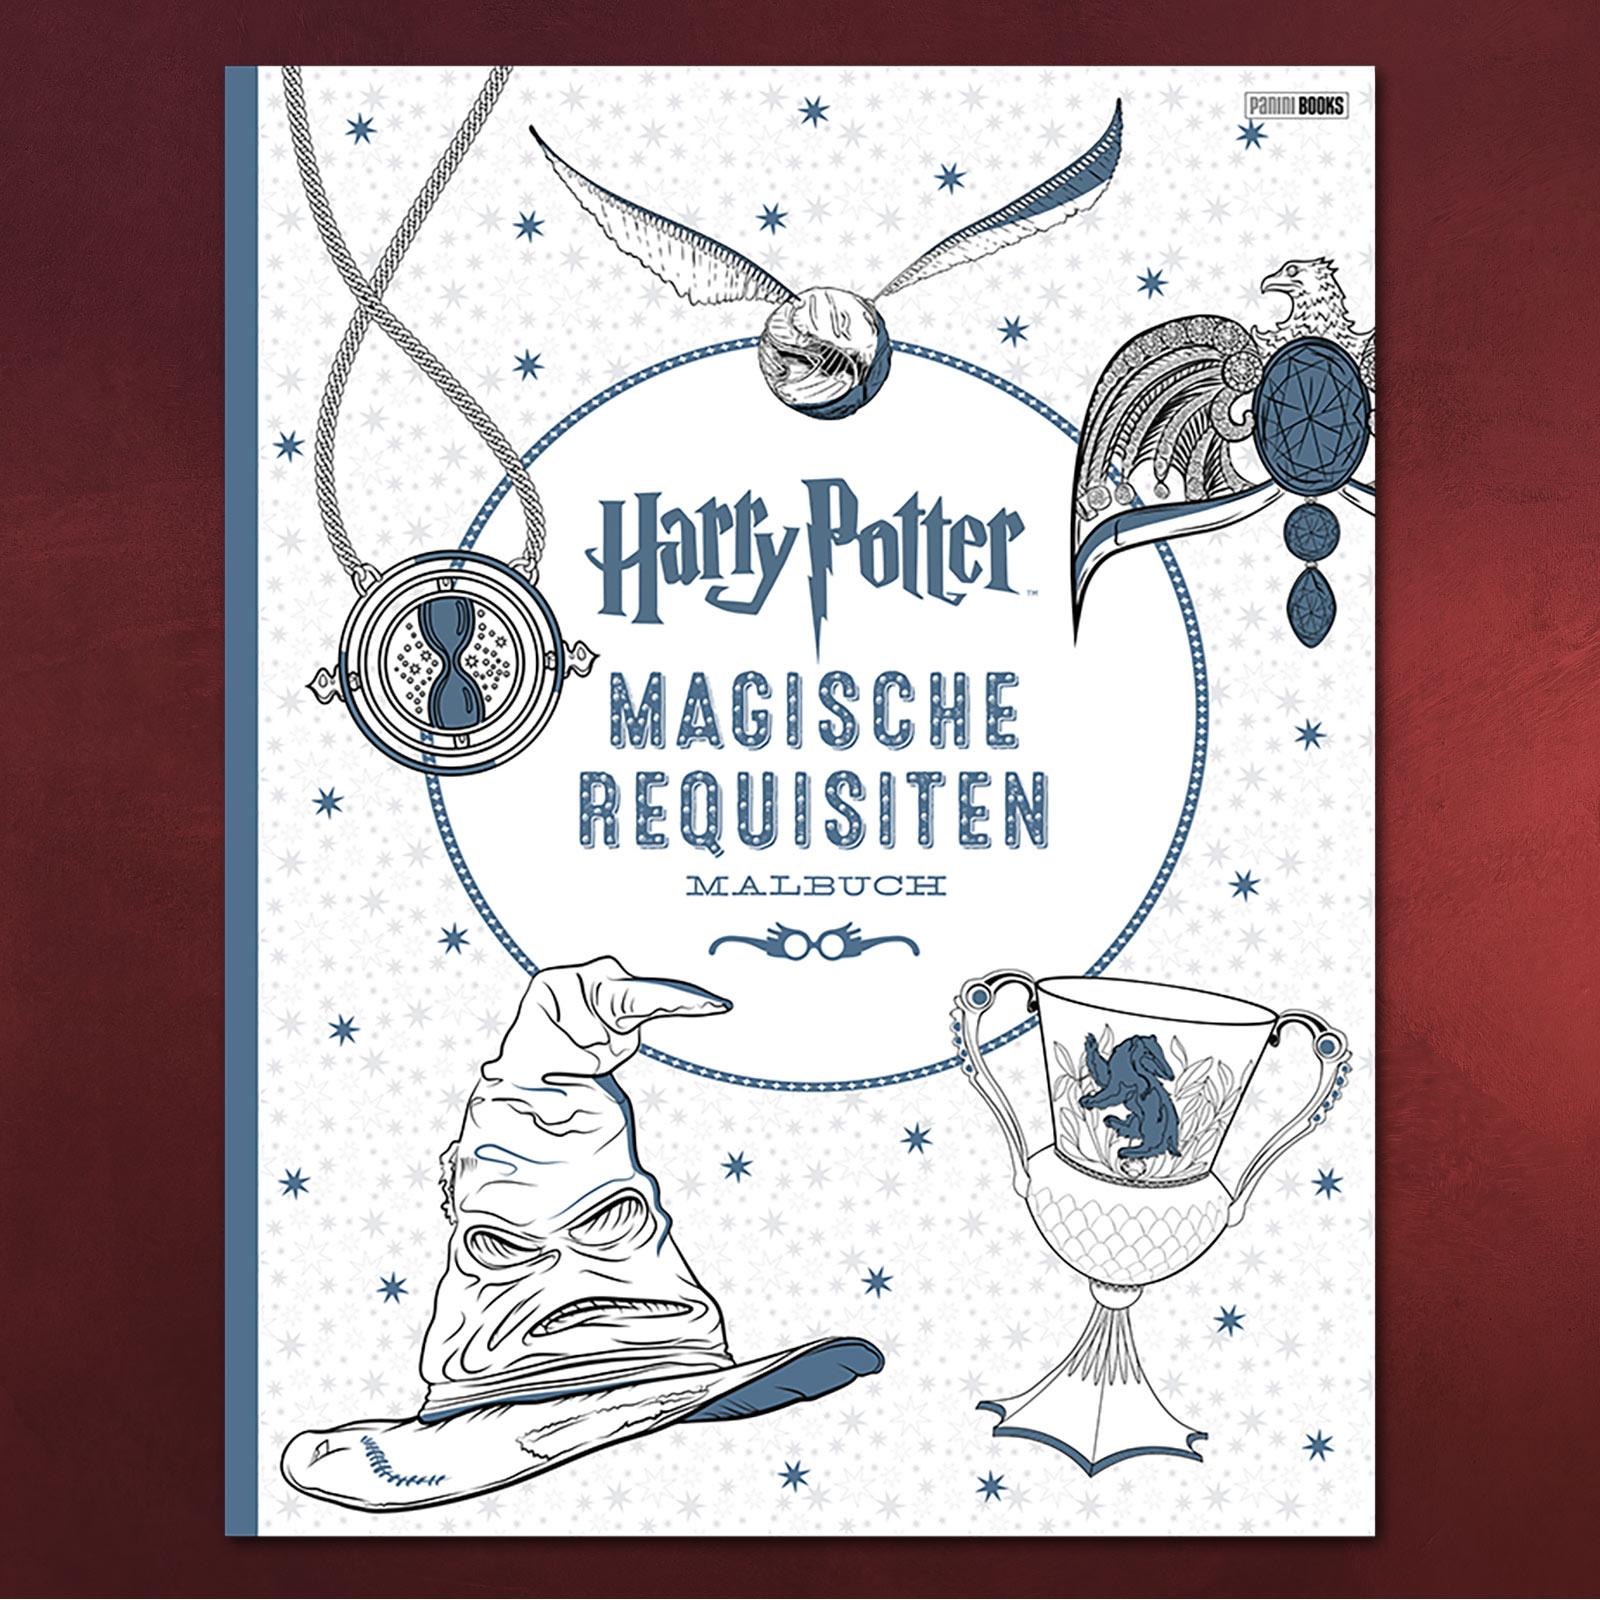 Harry Potter - Magische Requisiten Malbuch | Elbenwald